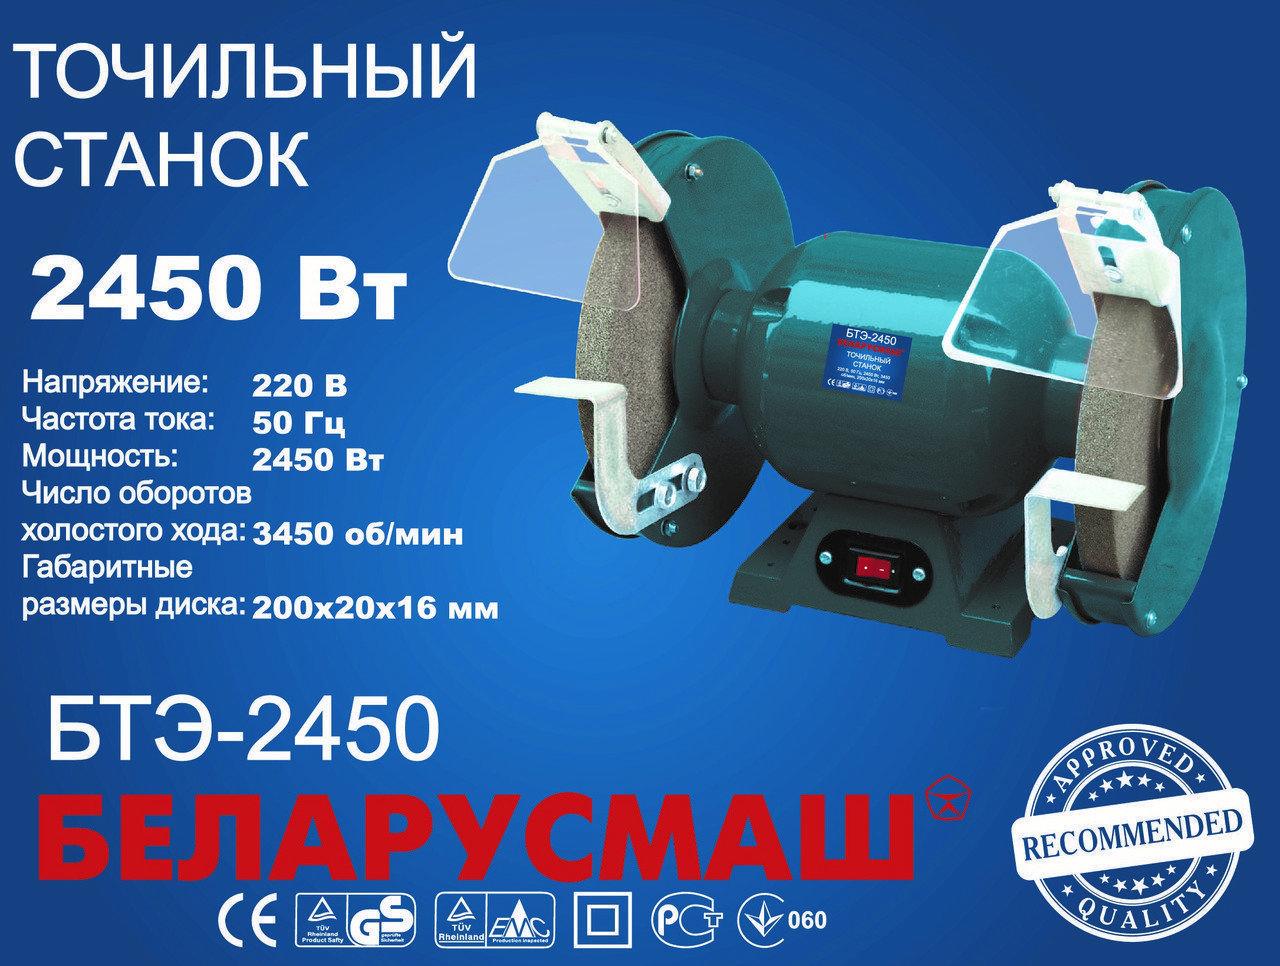 Точильный станок Беларусмаш 2450